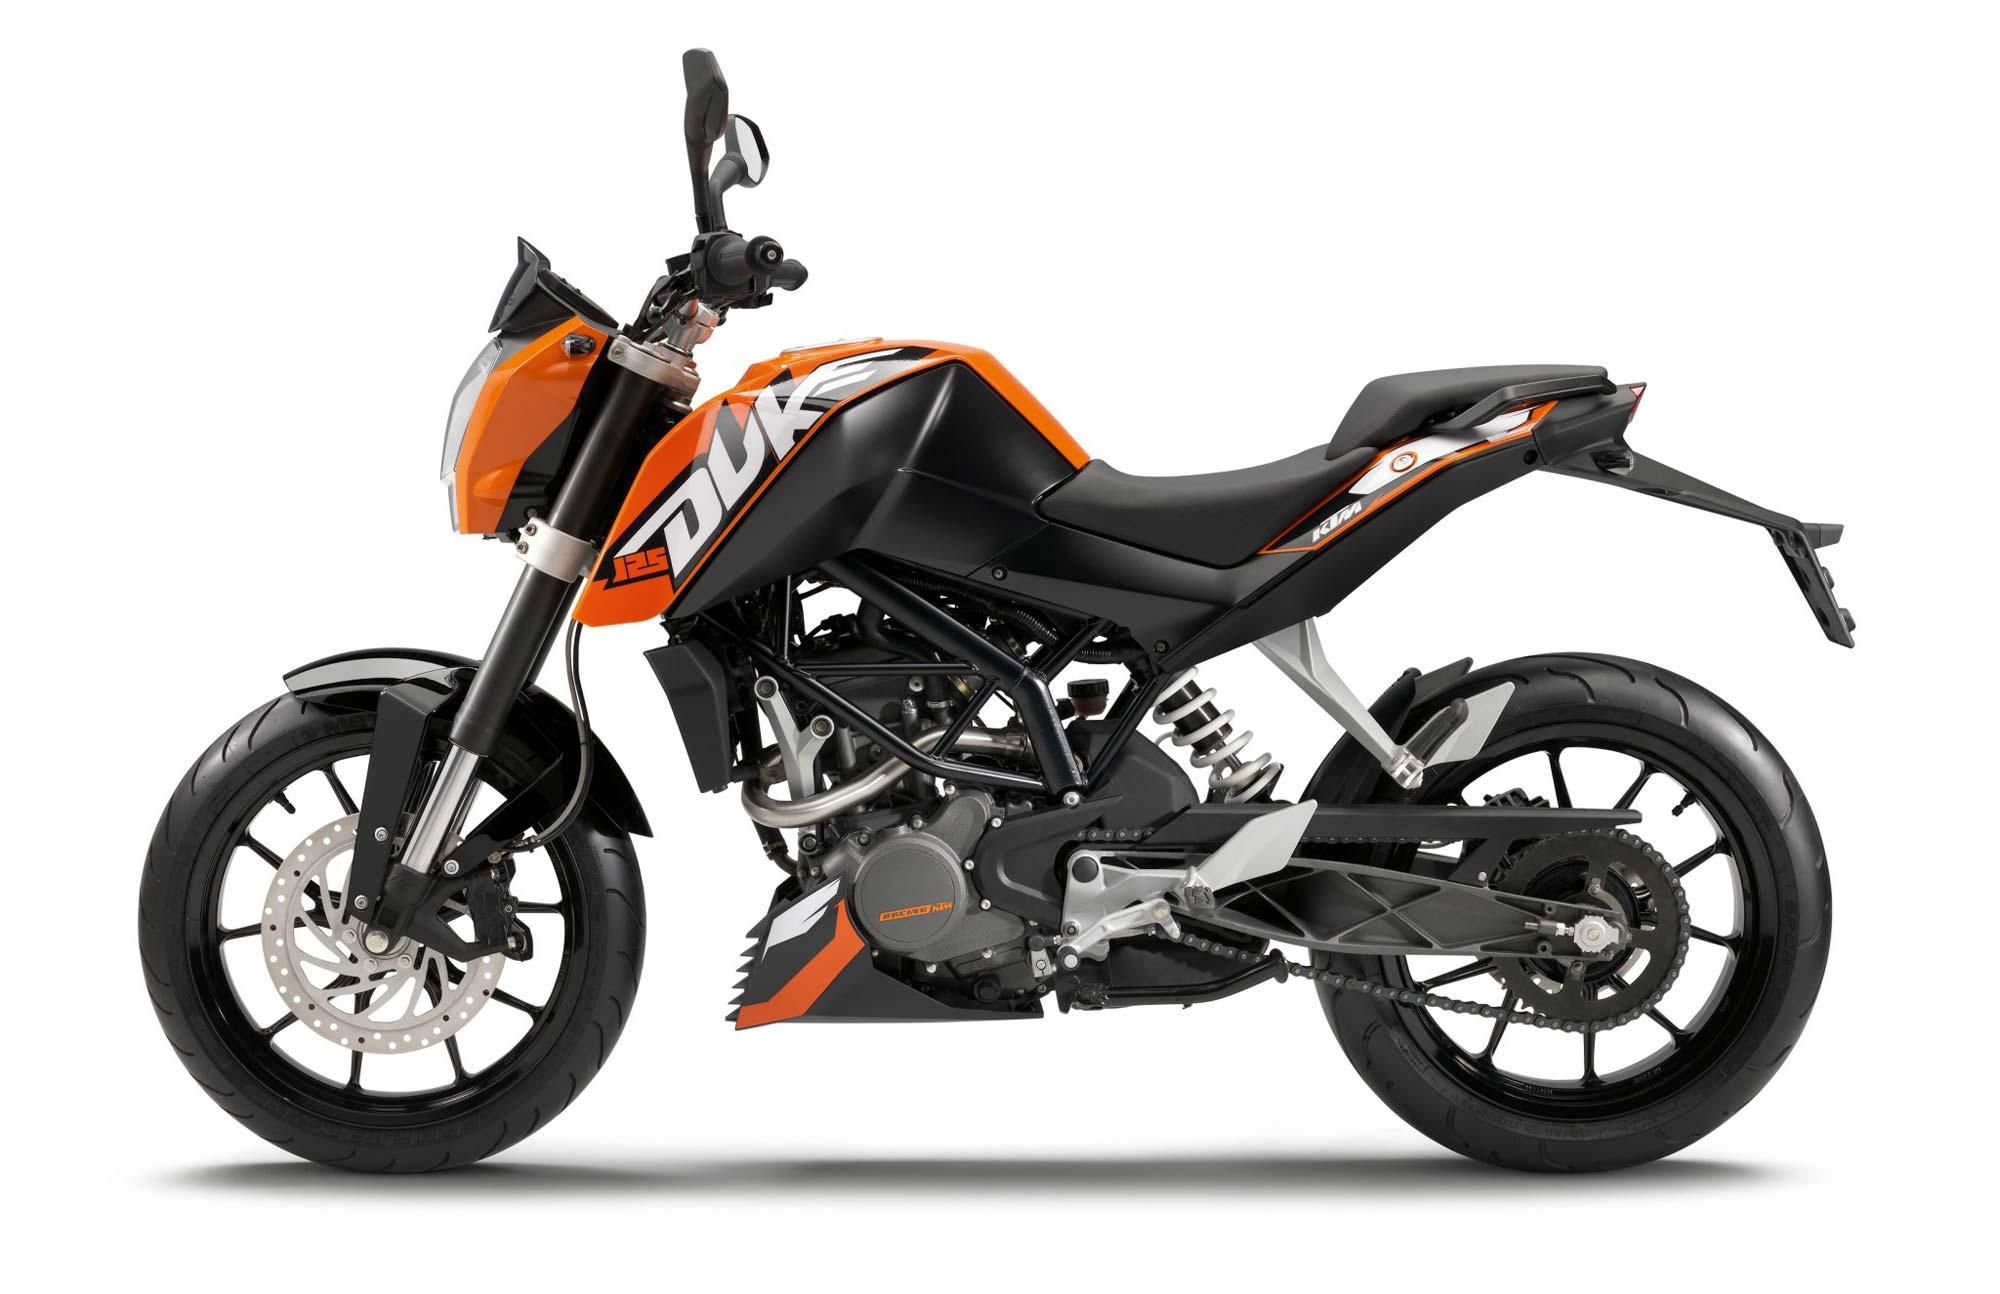 2011 KTM 125 Duke Officially Named - Asphalt & Rubber